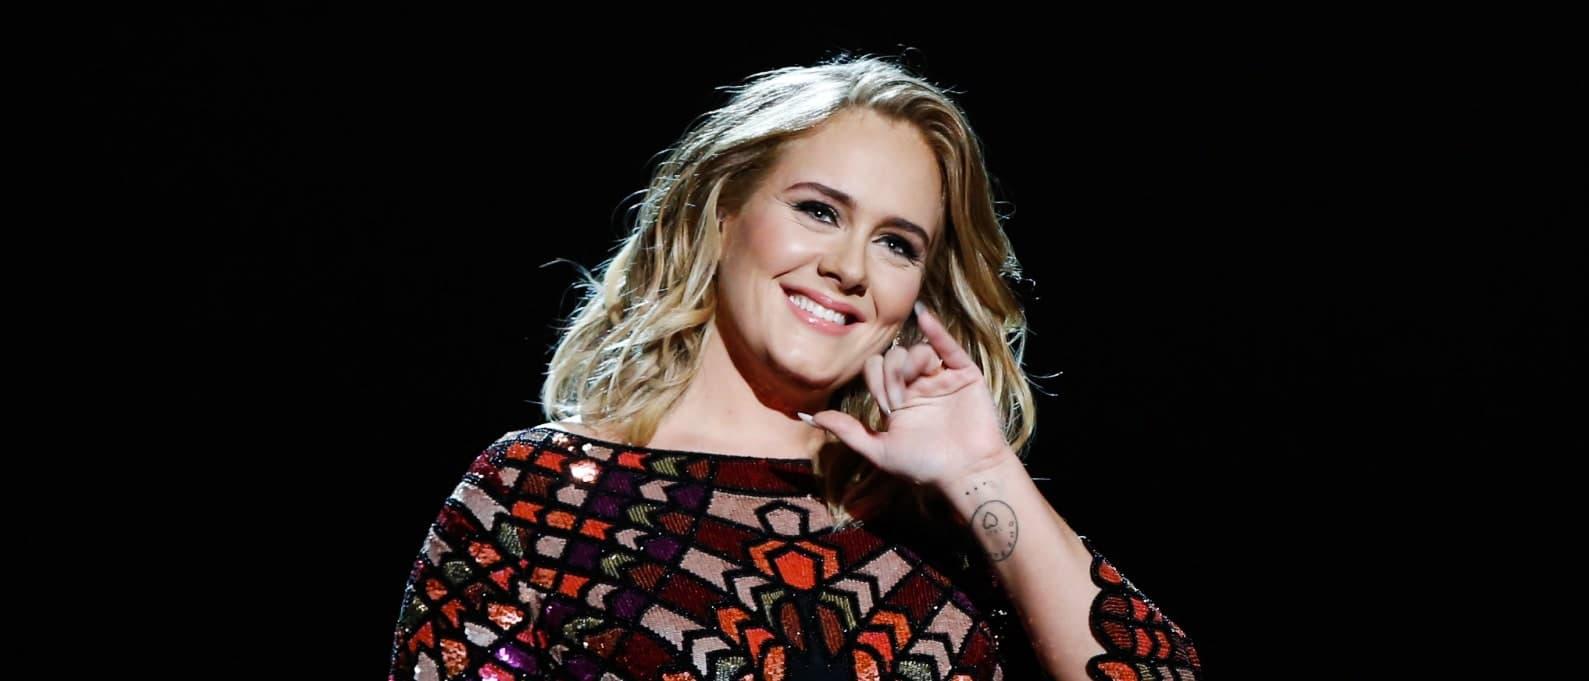 Adele : Son coach sportif répond aux attaques que la chanteuse reçoit sur son poids